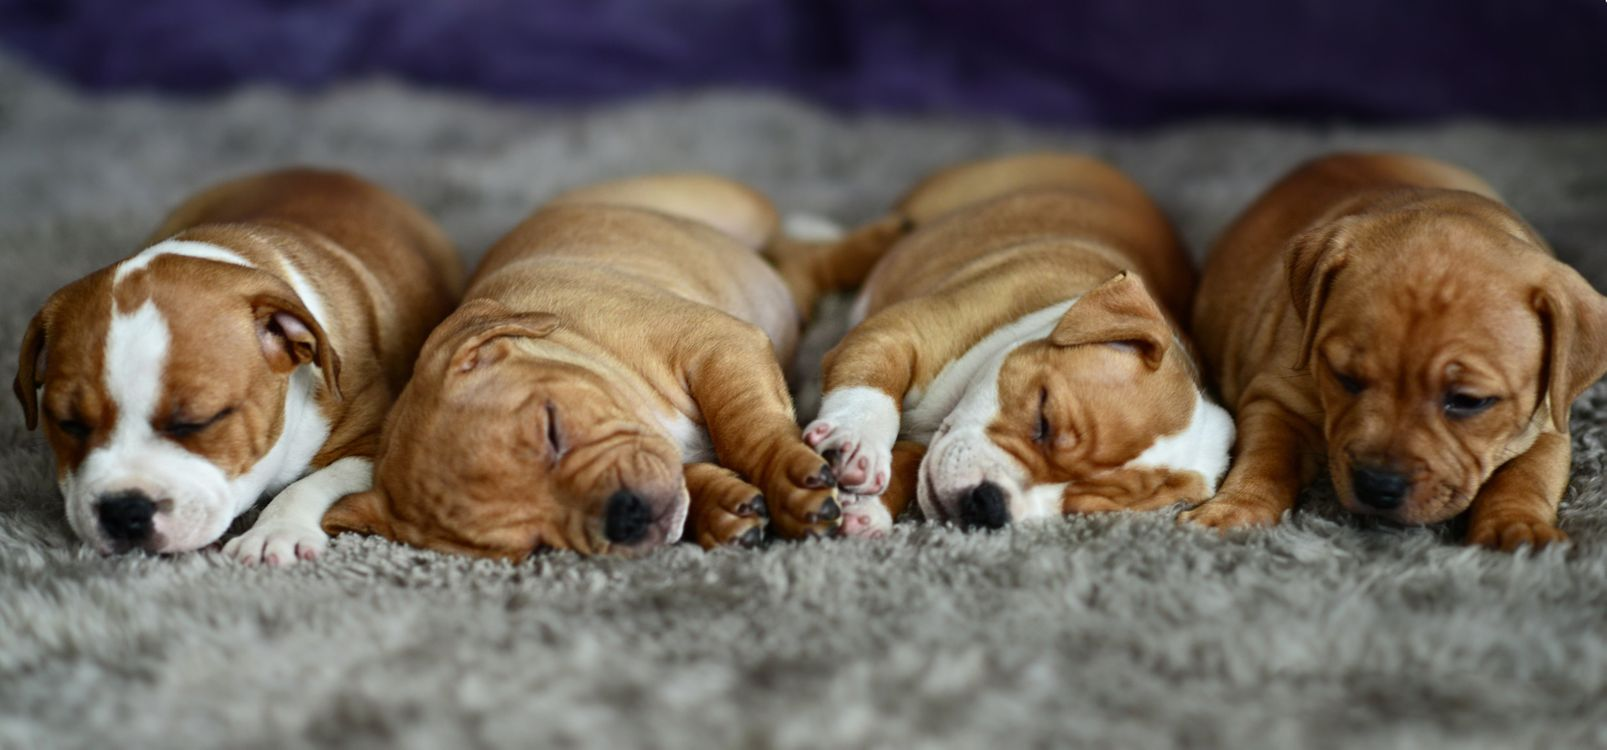 Фото бесплатно щенки, детки, мило - на рабочий стол